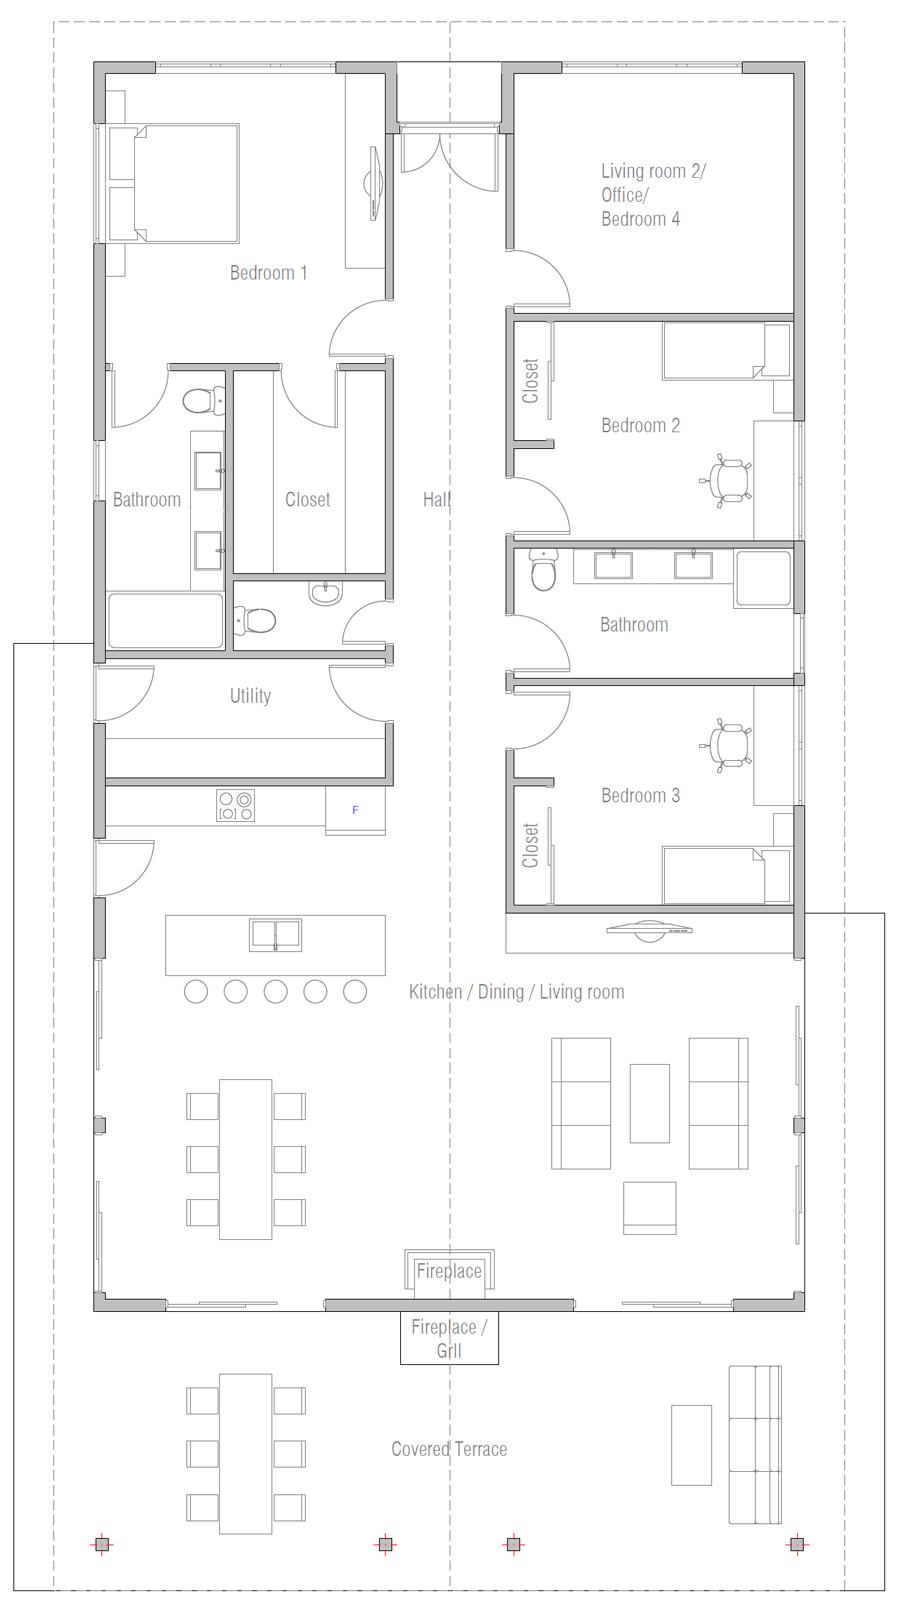 house-plans-2020_20_Floor_plan_CH651.jpg